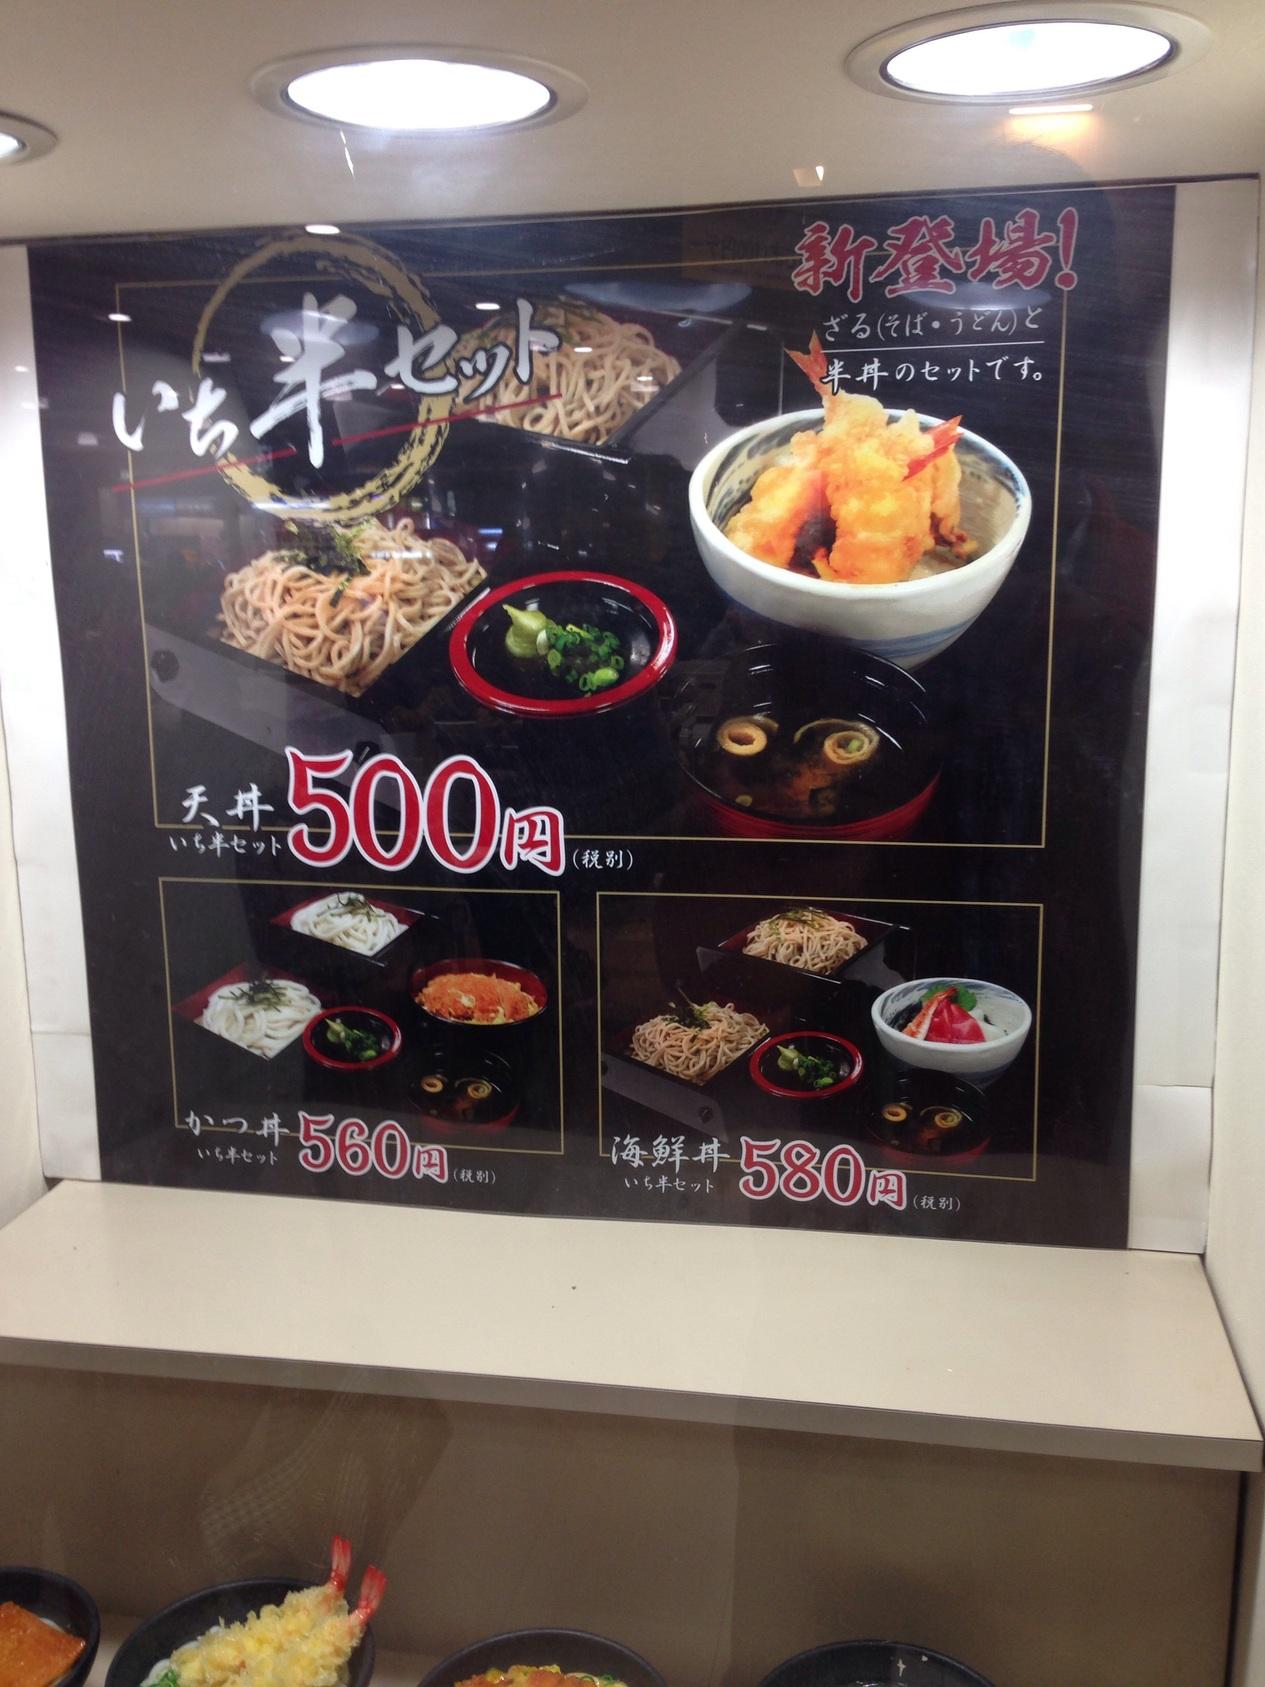 竹本水産 イオン防府店